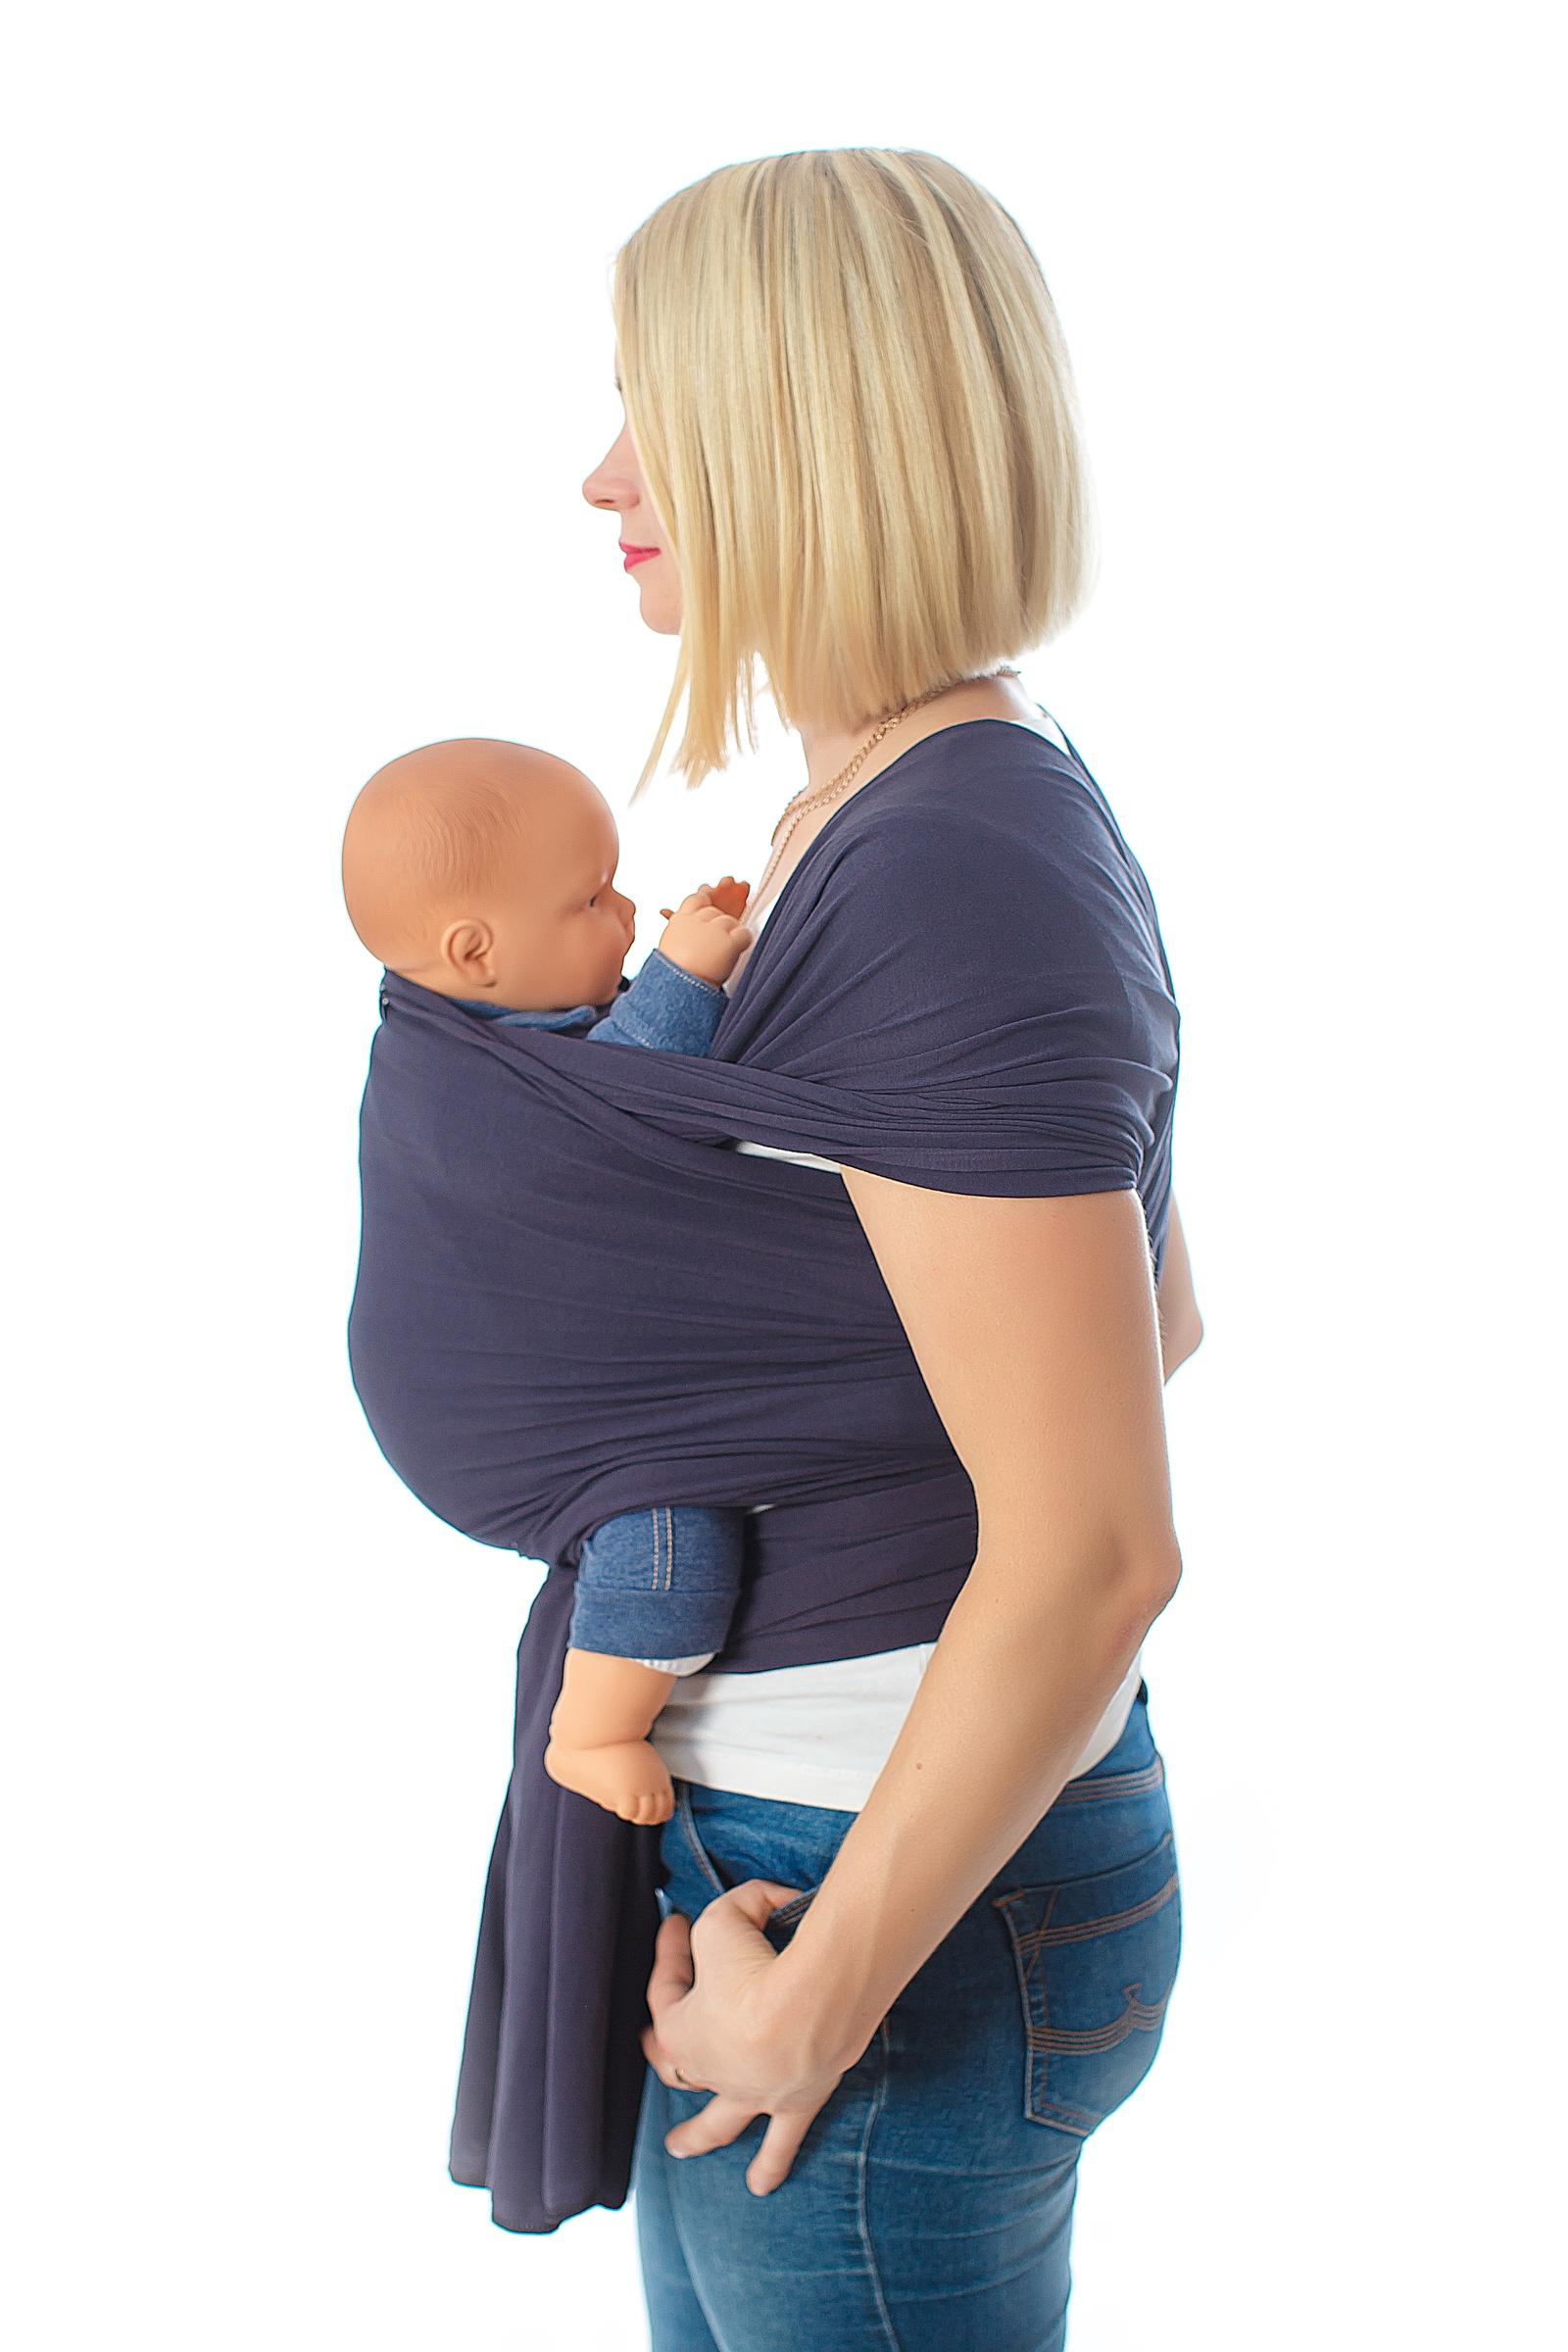 Слинг-шарф SlingMe Графит, 016-002, графитовый016-002Трикотажный слинг – шарф – идеальное решение для новорожденного (малыша до 7 кг) и начинающей слинго-мамы. Мягкое пластичное хлопковое полотно прощает огрехи намотки и в то же время нежно обнимает и несет вашего малыша.